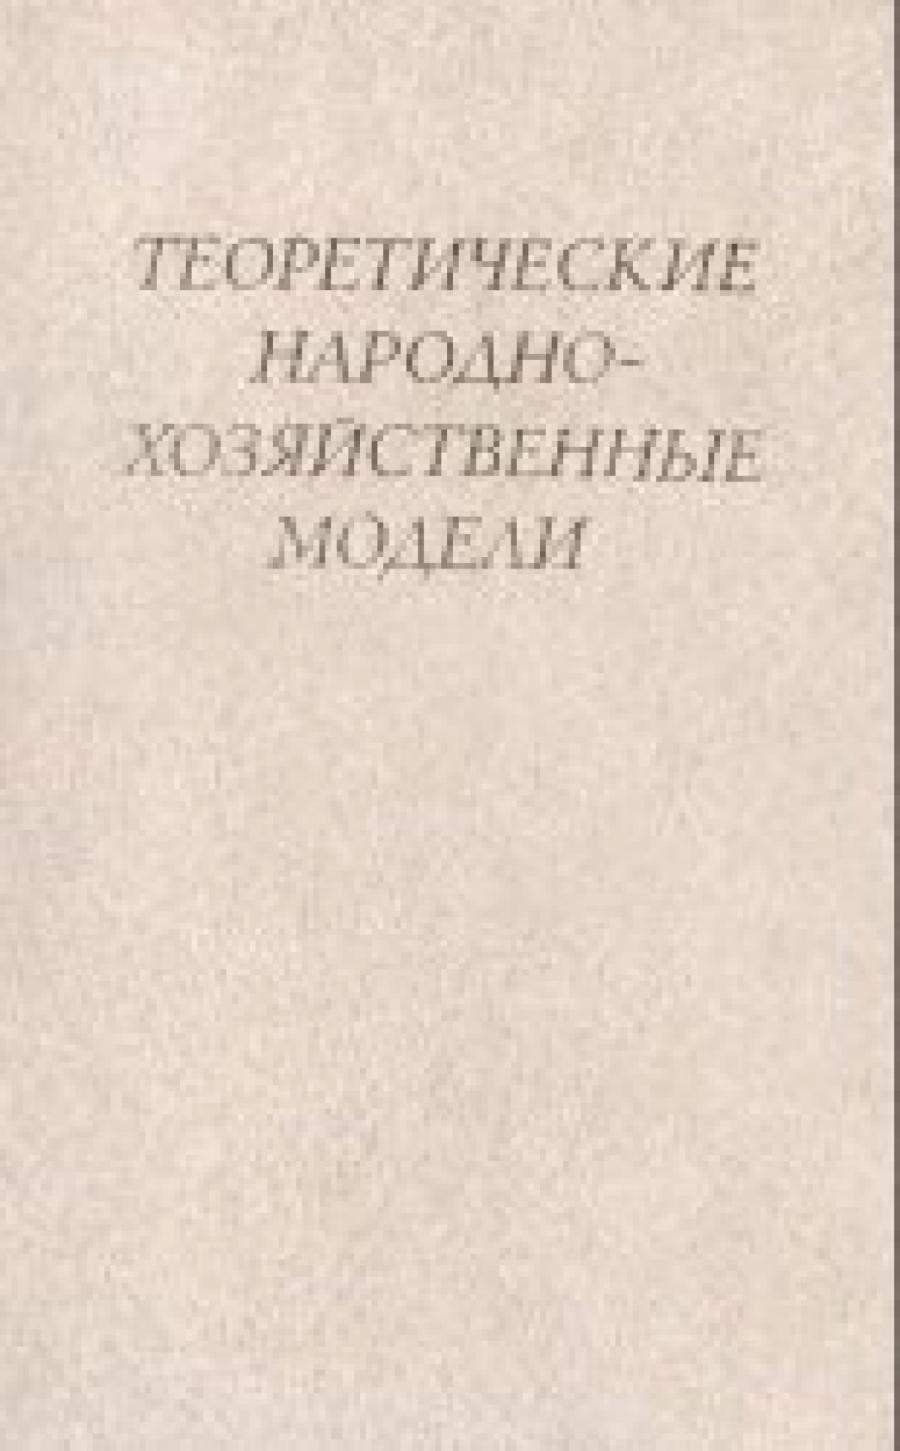 Обложка книги:  вальтух к.к. - теоретические народнохозяйственные модели